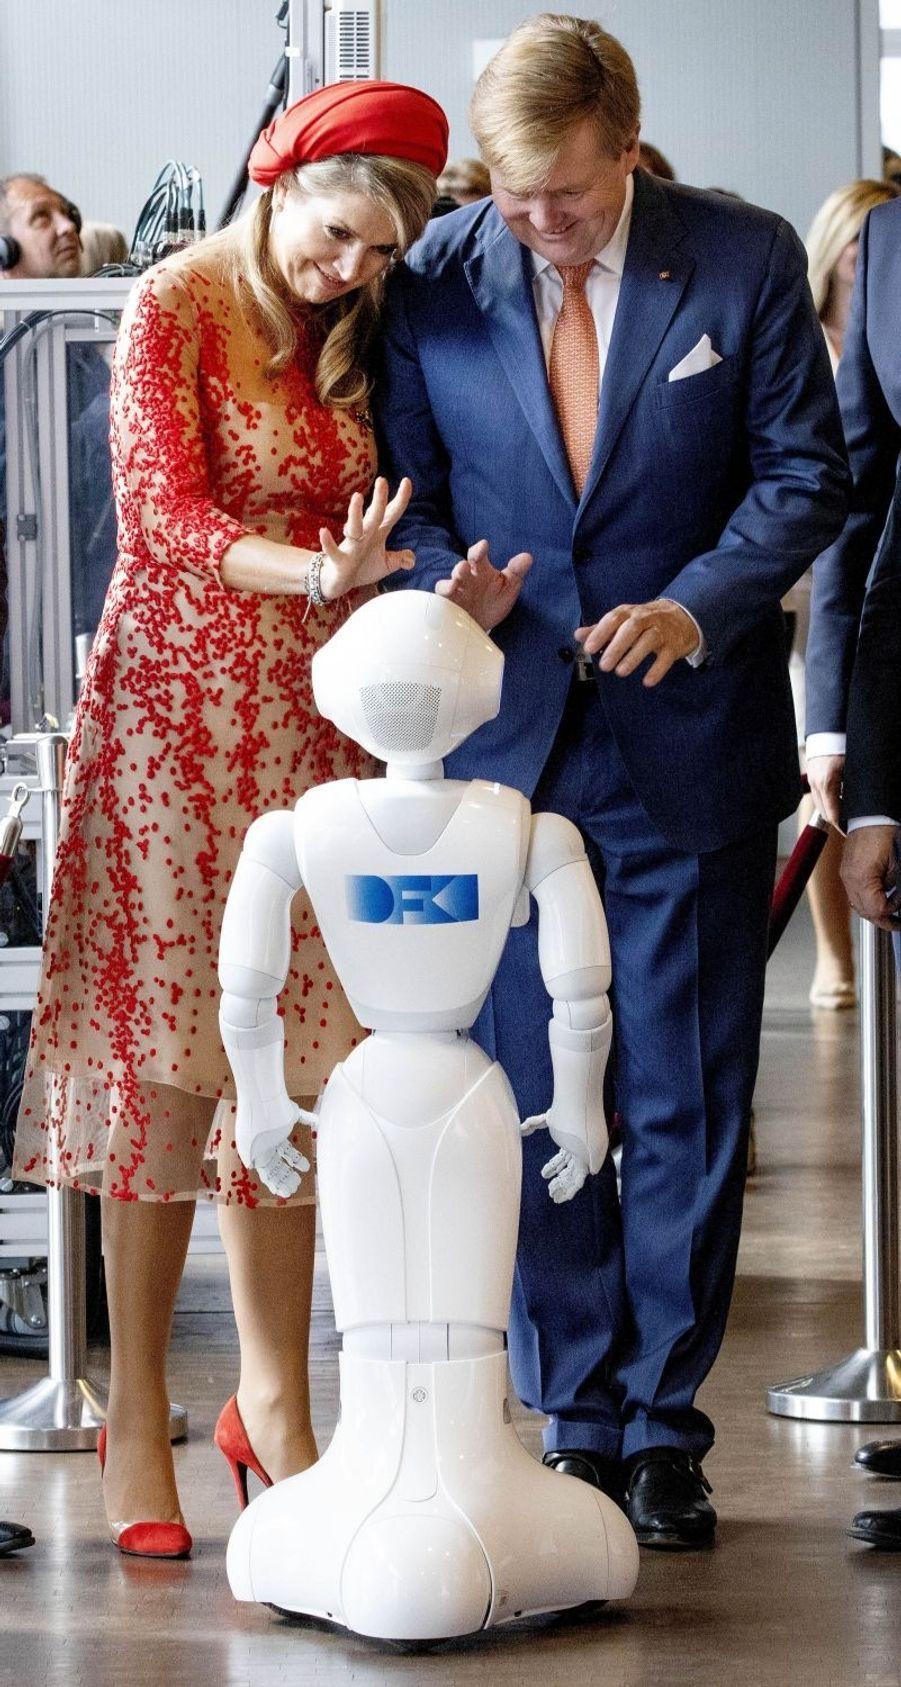 La reine Maxima et le roi Willem-Alexander des Pays-Bas à Sarrebruck, le 11 octobre 2018